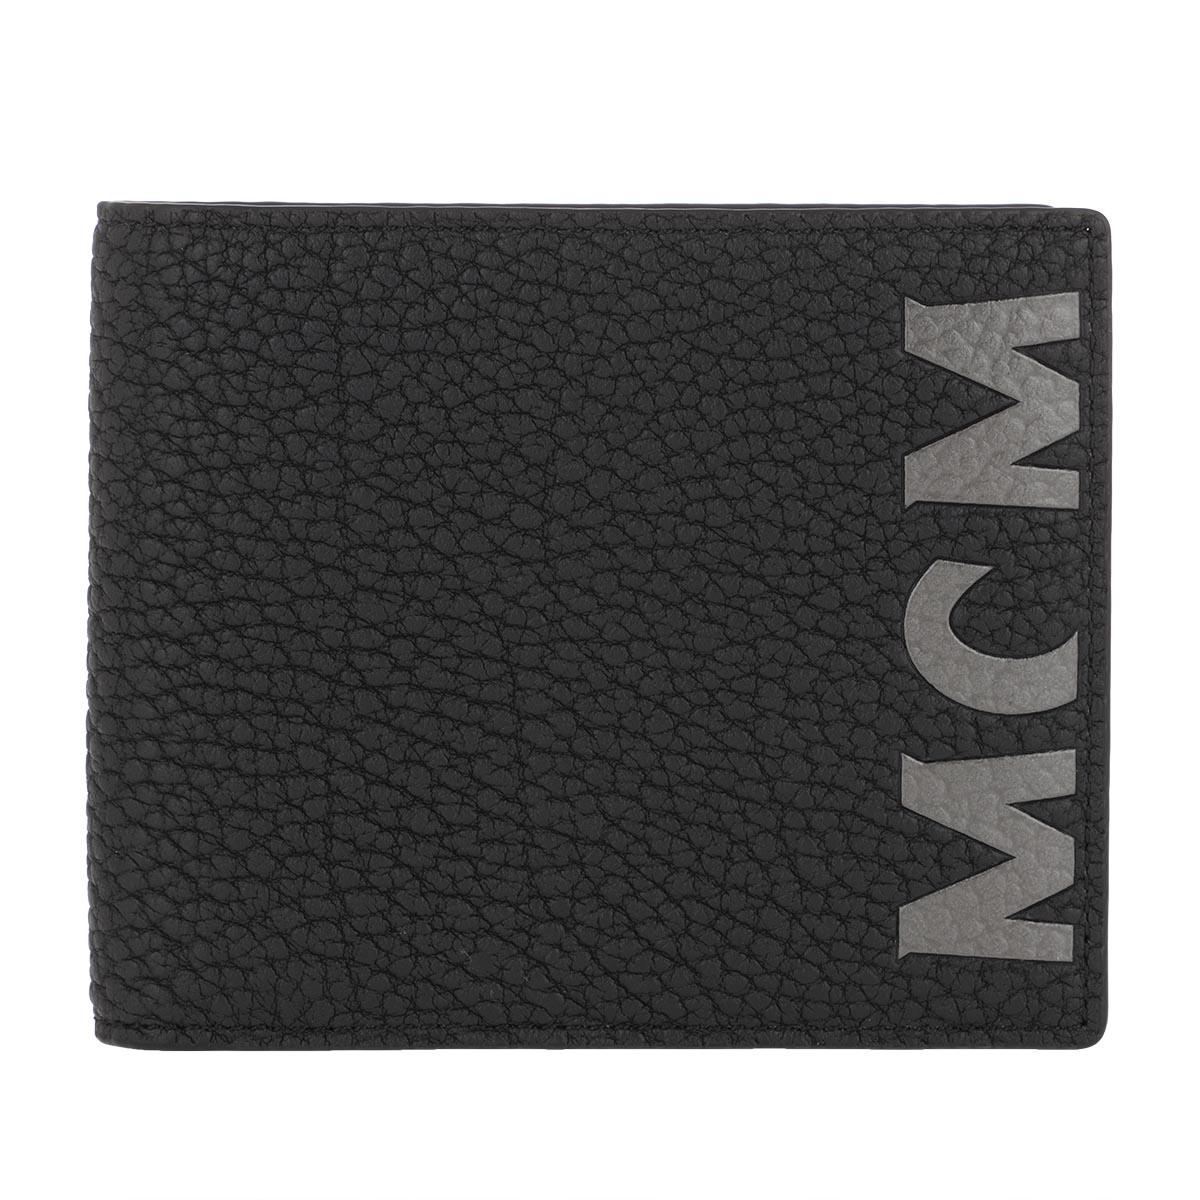 MCM Portemonnaie - New Big Logo Small Wallet Black - in schwarz - für Damen